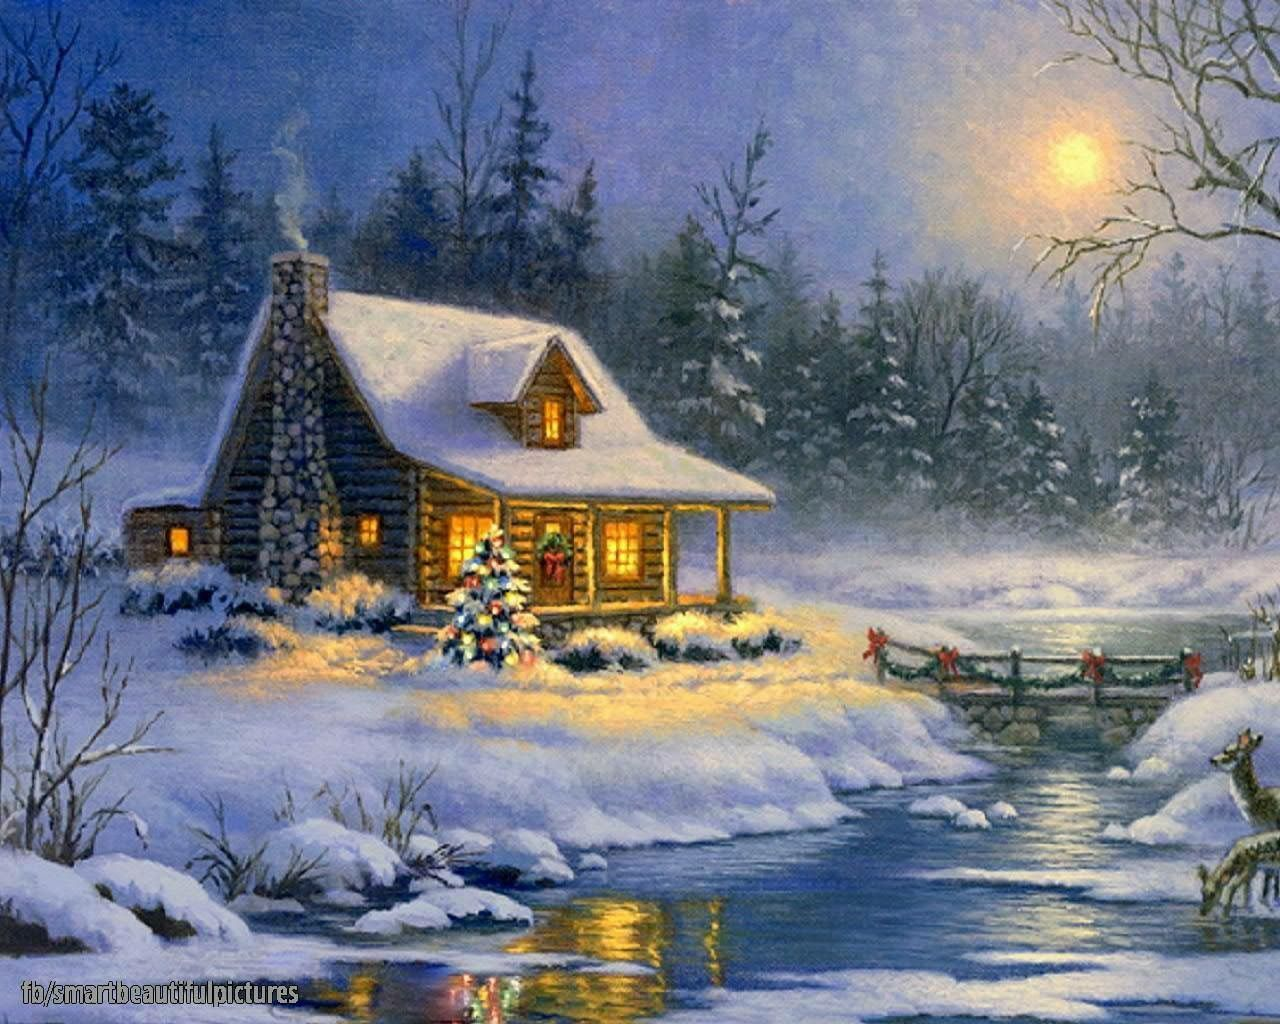 Анимационная картинка домик лесника в зимний период портретов нужно